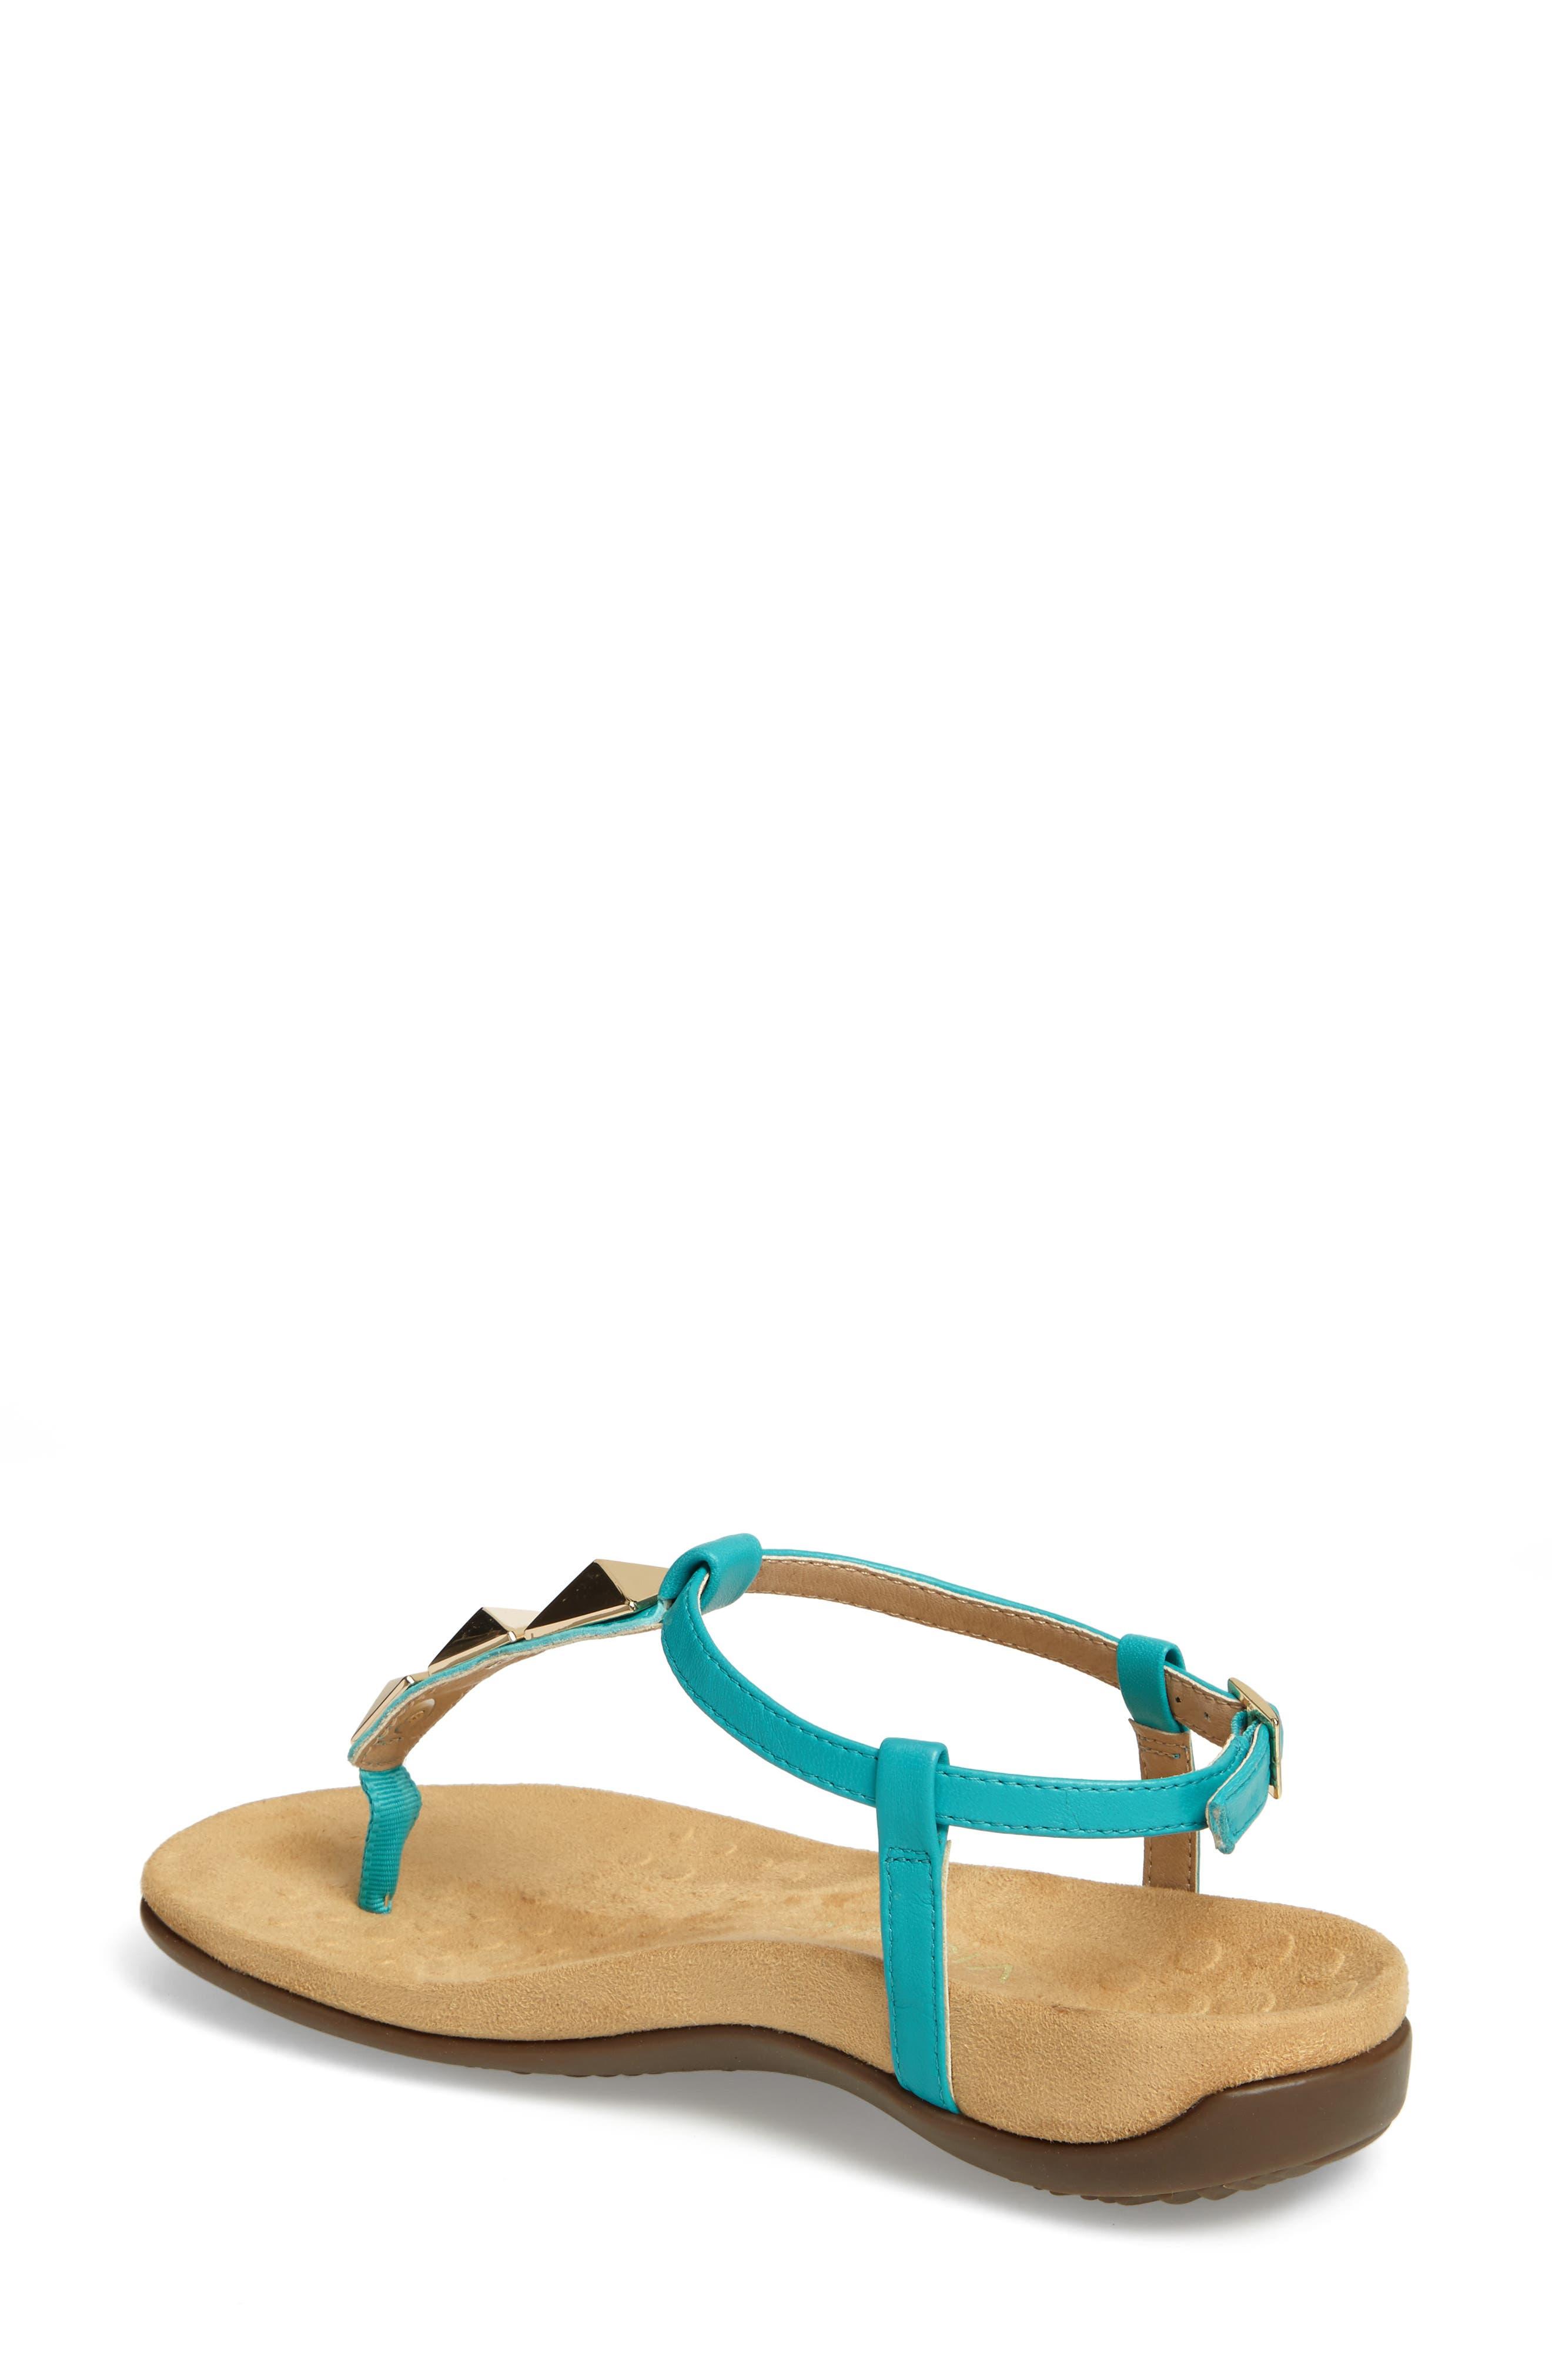 Nala T-Strap Sandal,                             Alternate thumbnail 9, color,